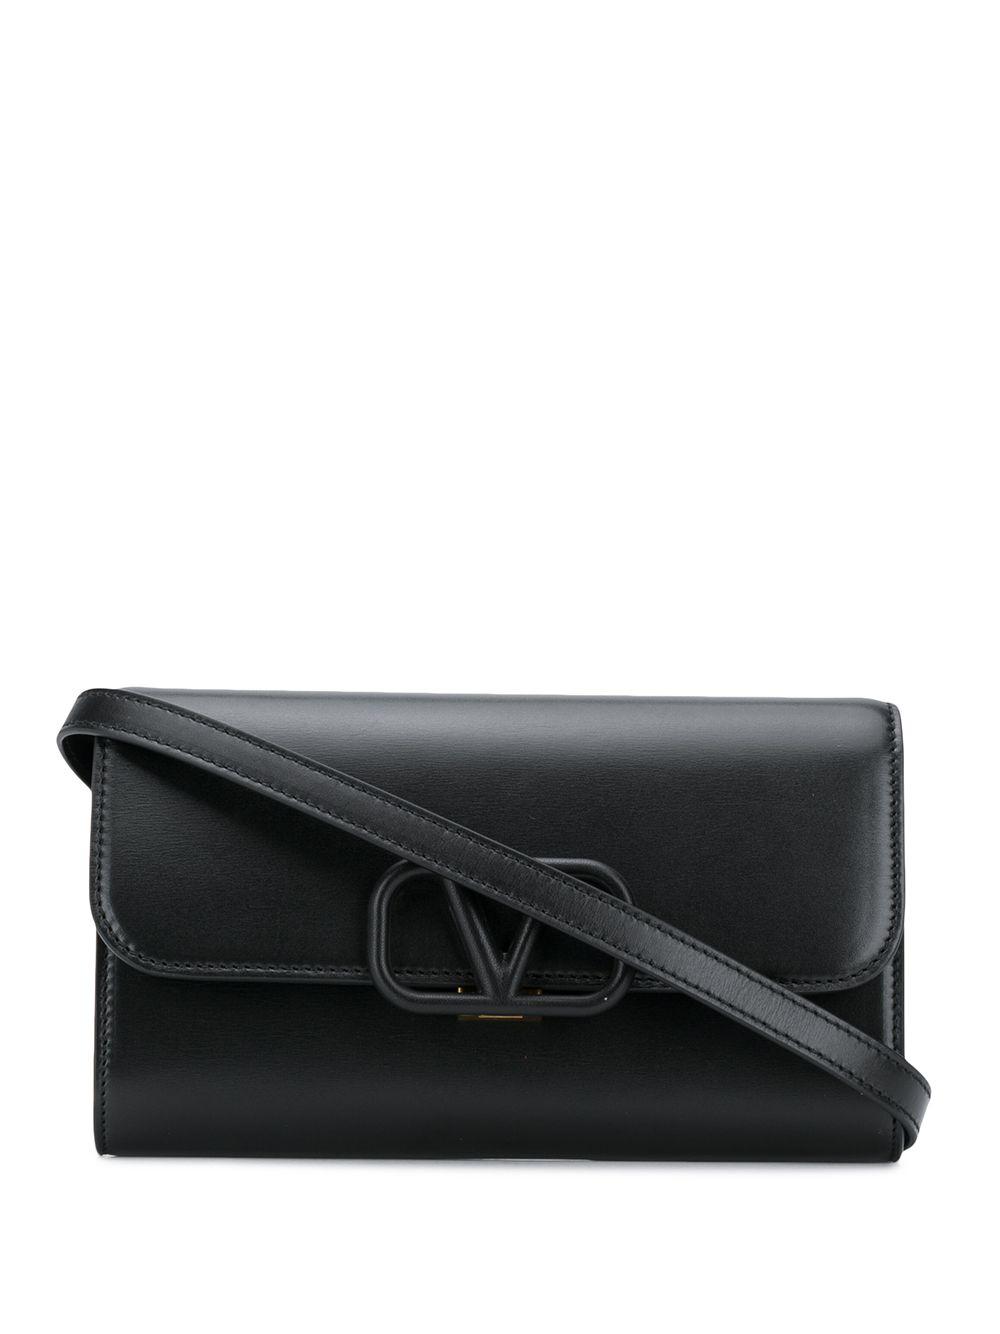 Vsling Leather Shoulder Bag